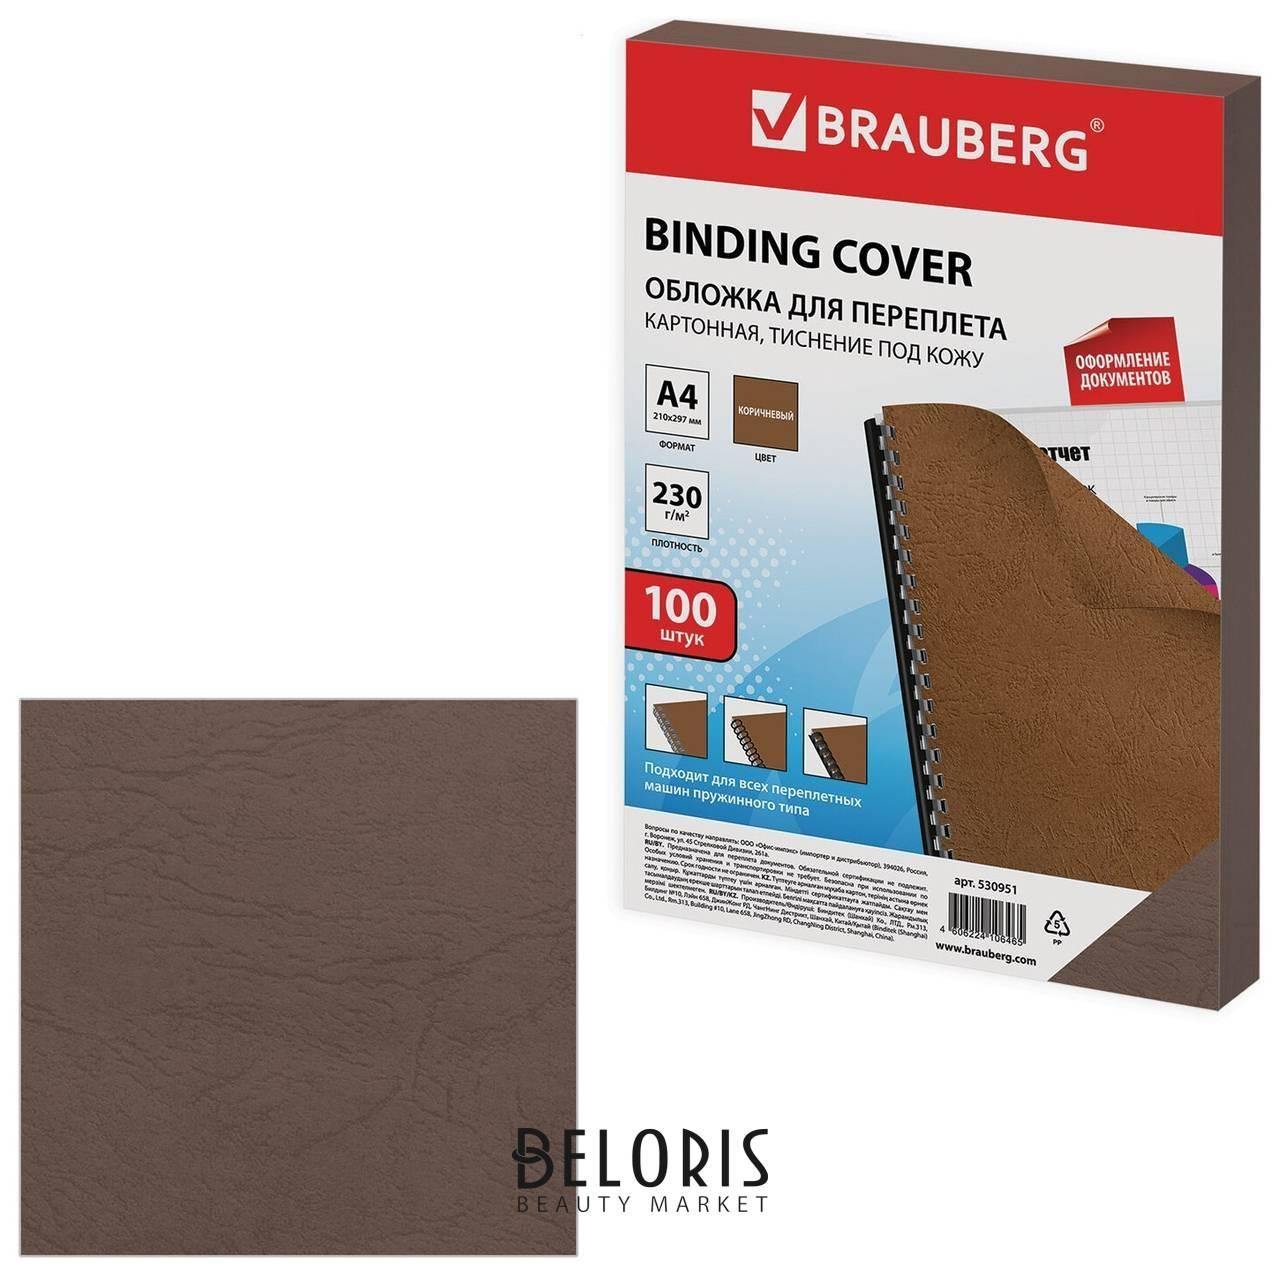 Обложки картонные для переплета, А4, комплект 100 шт., тиснение под кожу, 230 г/м2, коричневые, BRAUBERG  Brauberg